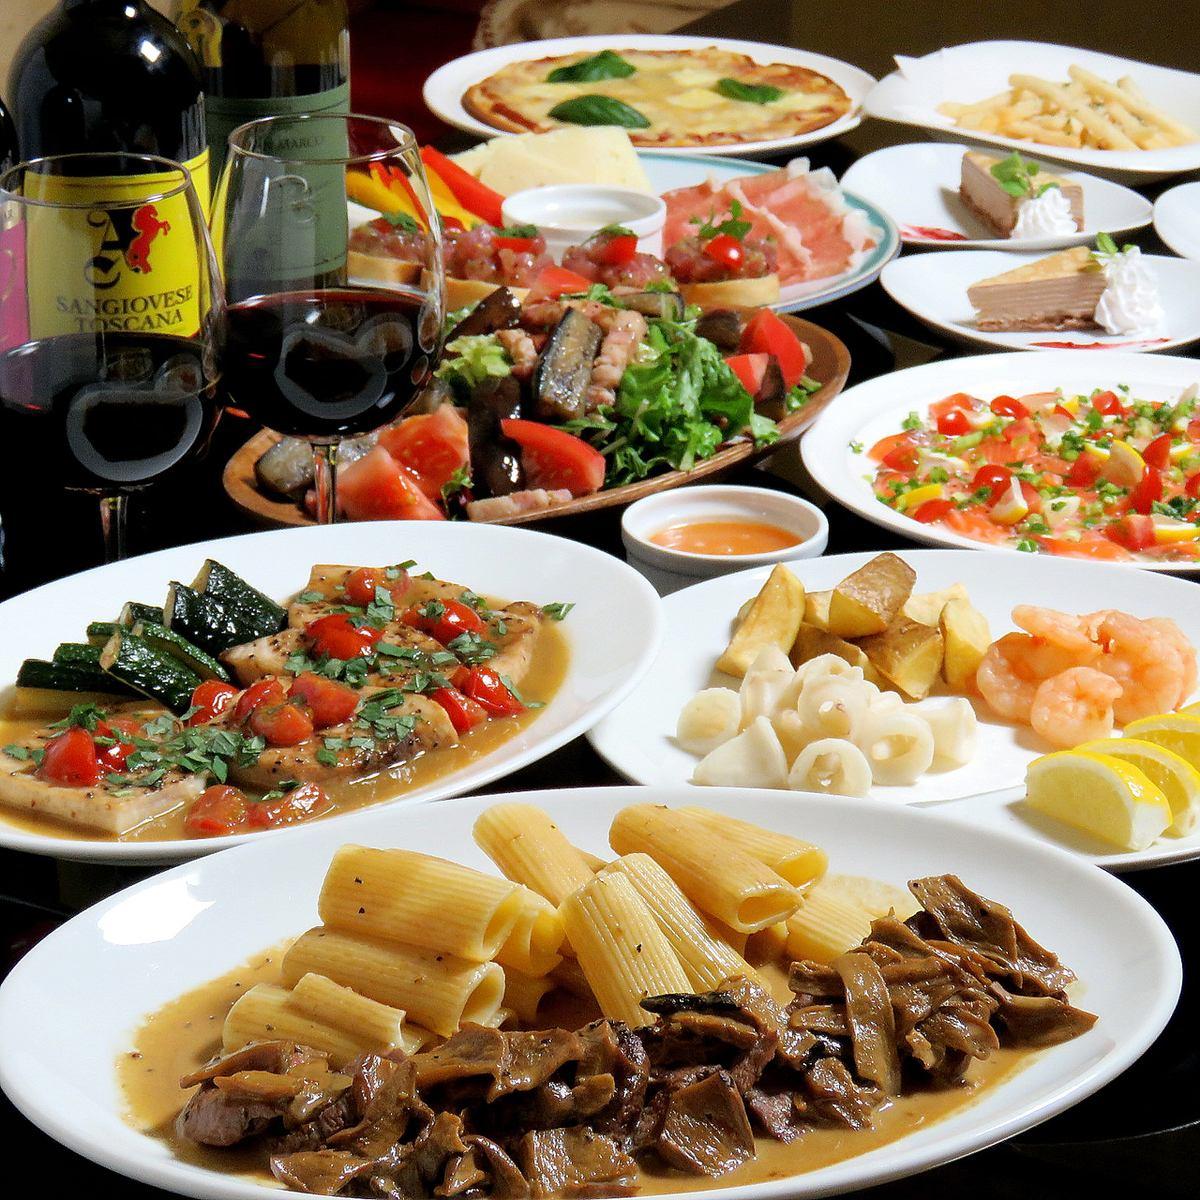 【7月14日OPEN】シックな雰囲気でお酒と食事を楽しむ…。本格イタリアンを低価格で